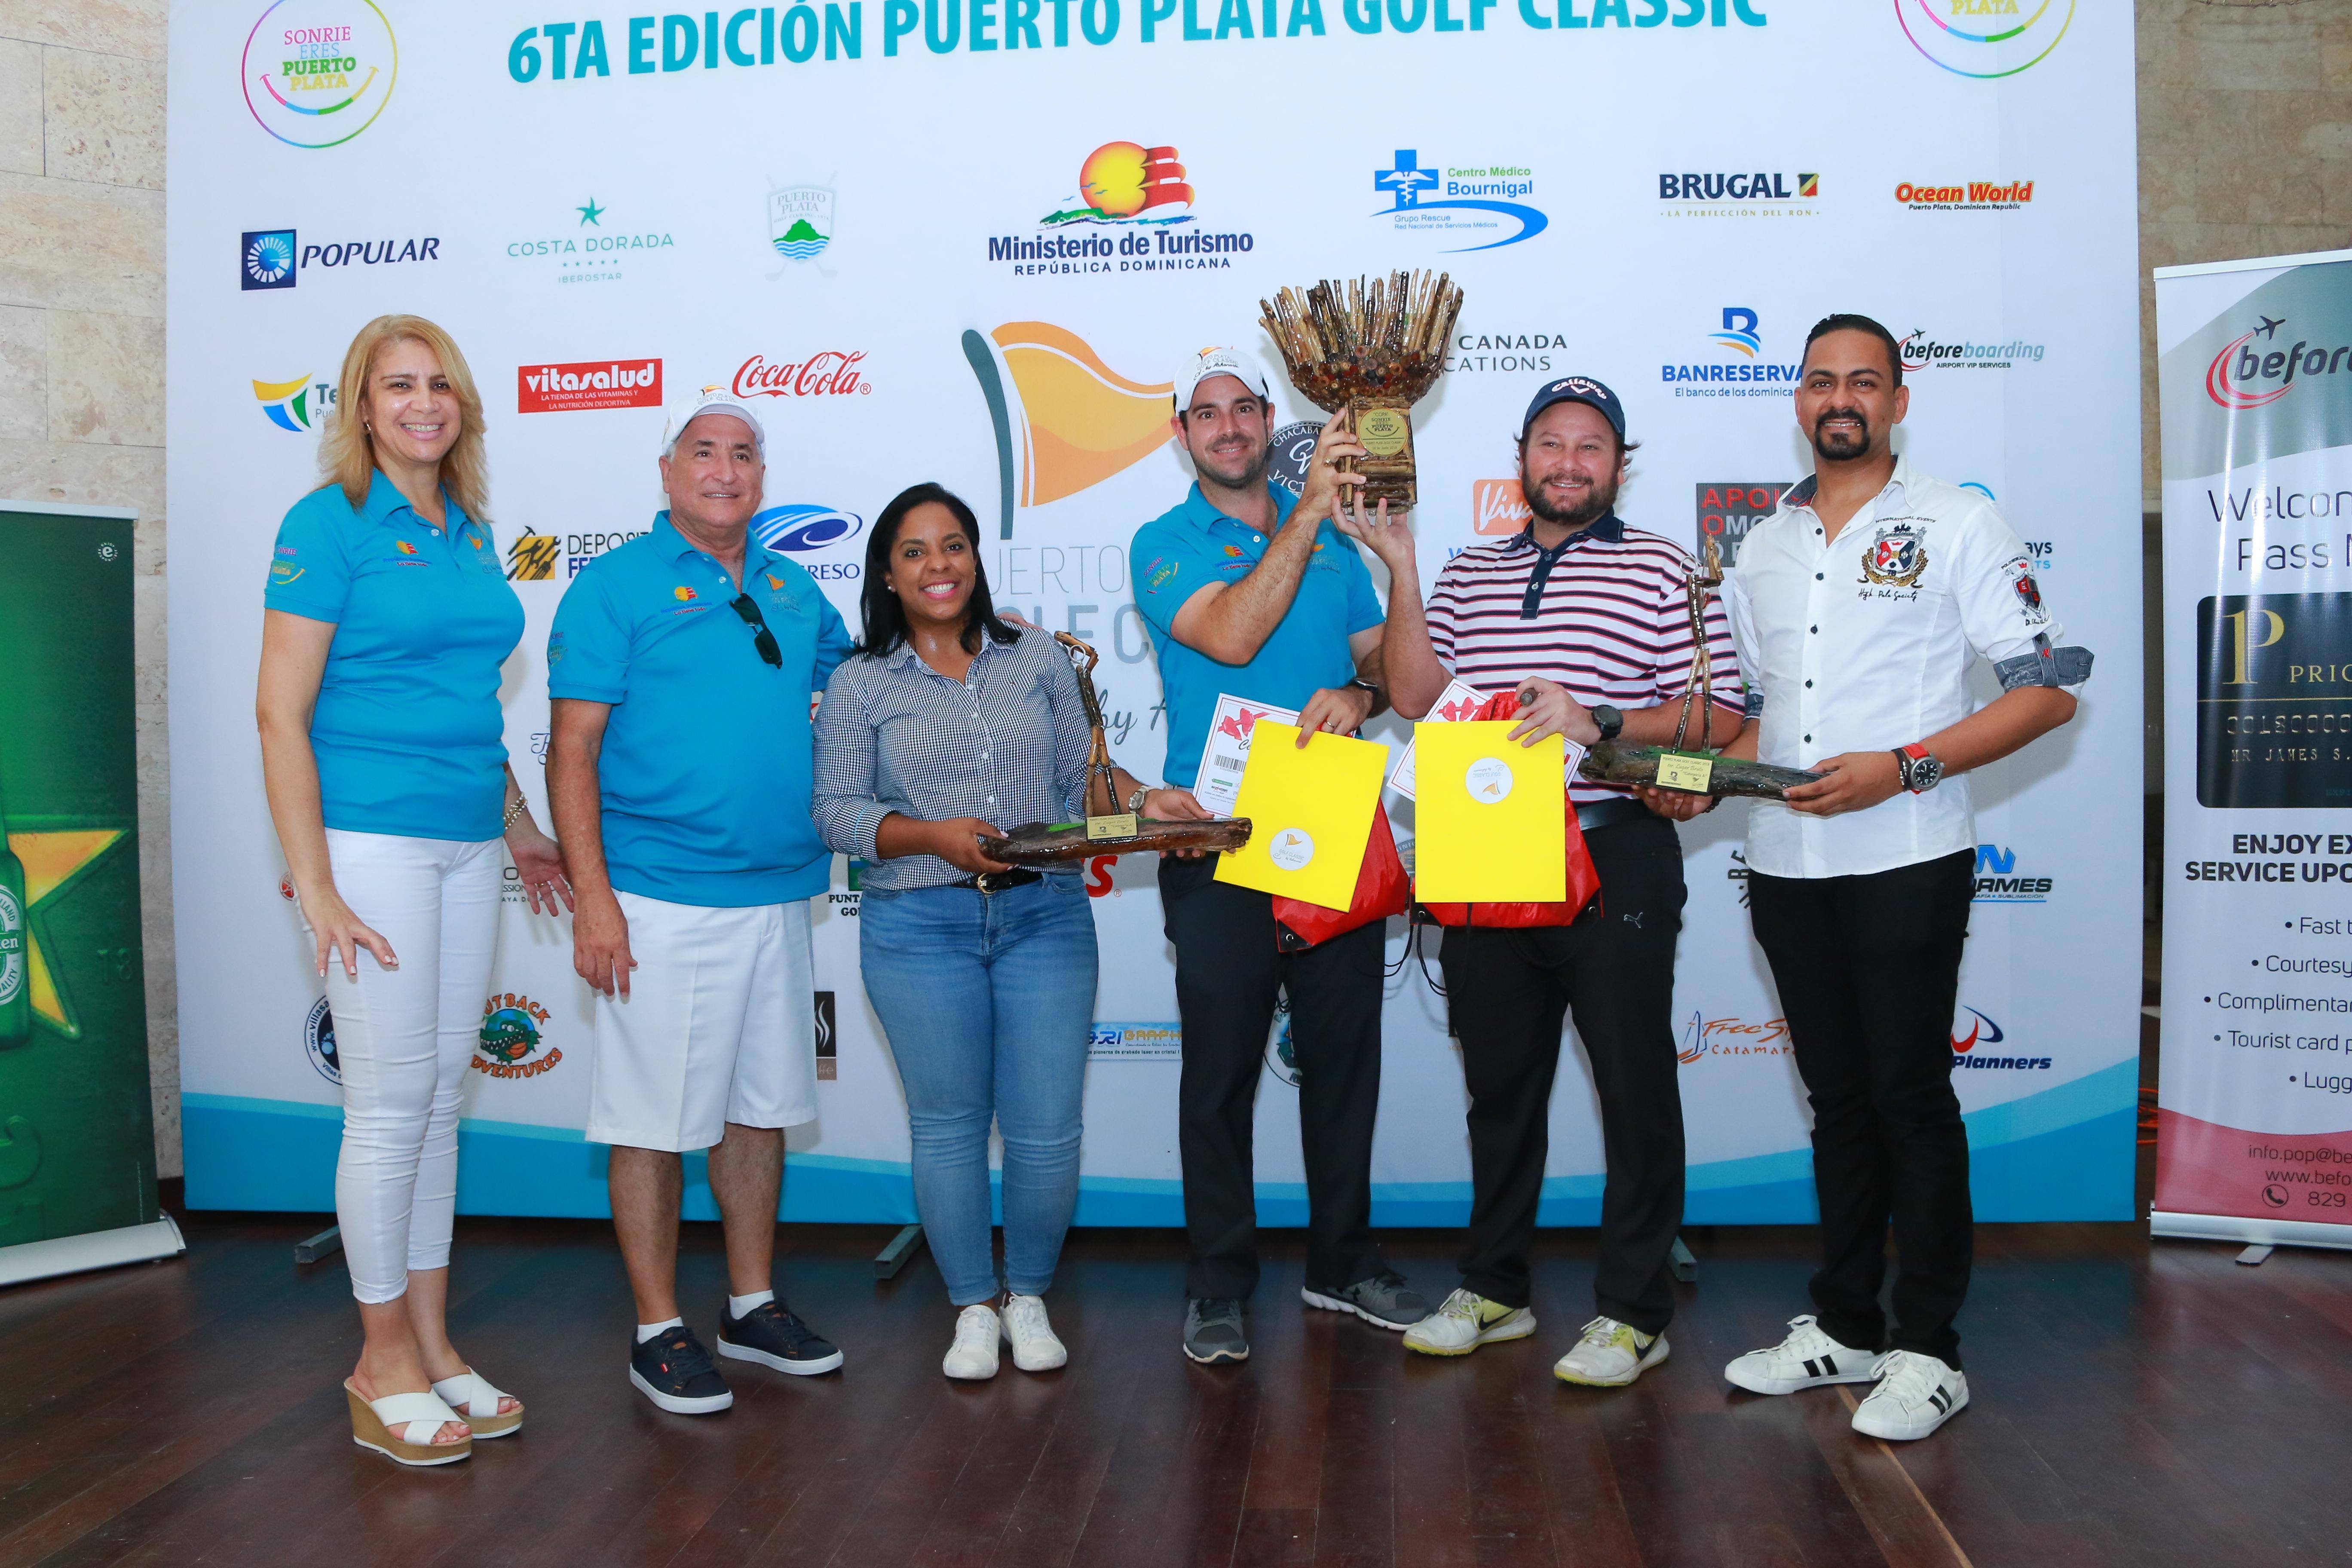 """Yamil Rodríguez y Mario Hurtado conquistan la """"Copa Sonríe""""  del Puerto Plata Golf Classic 2018"""